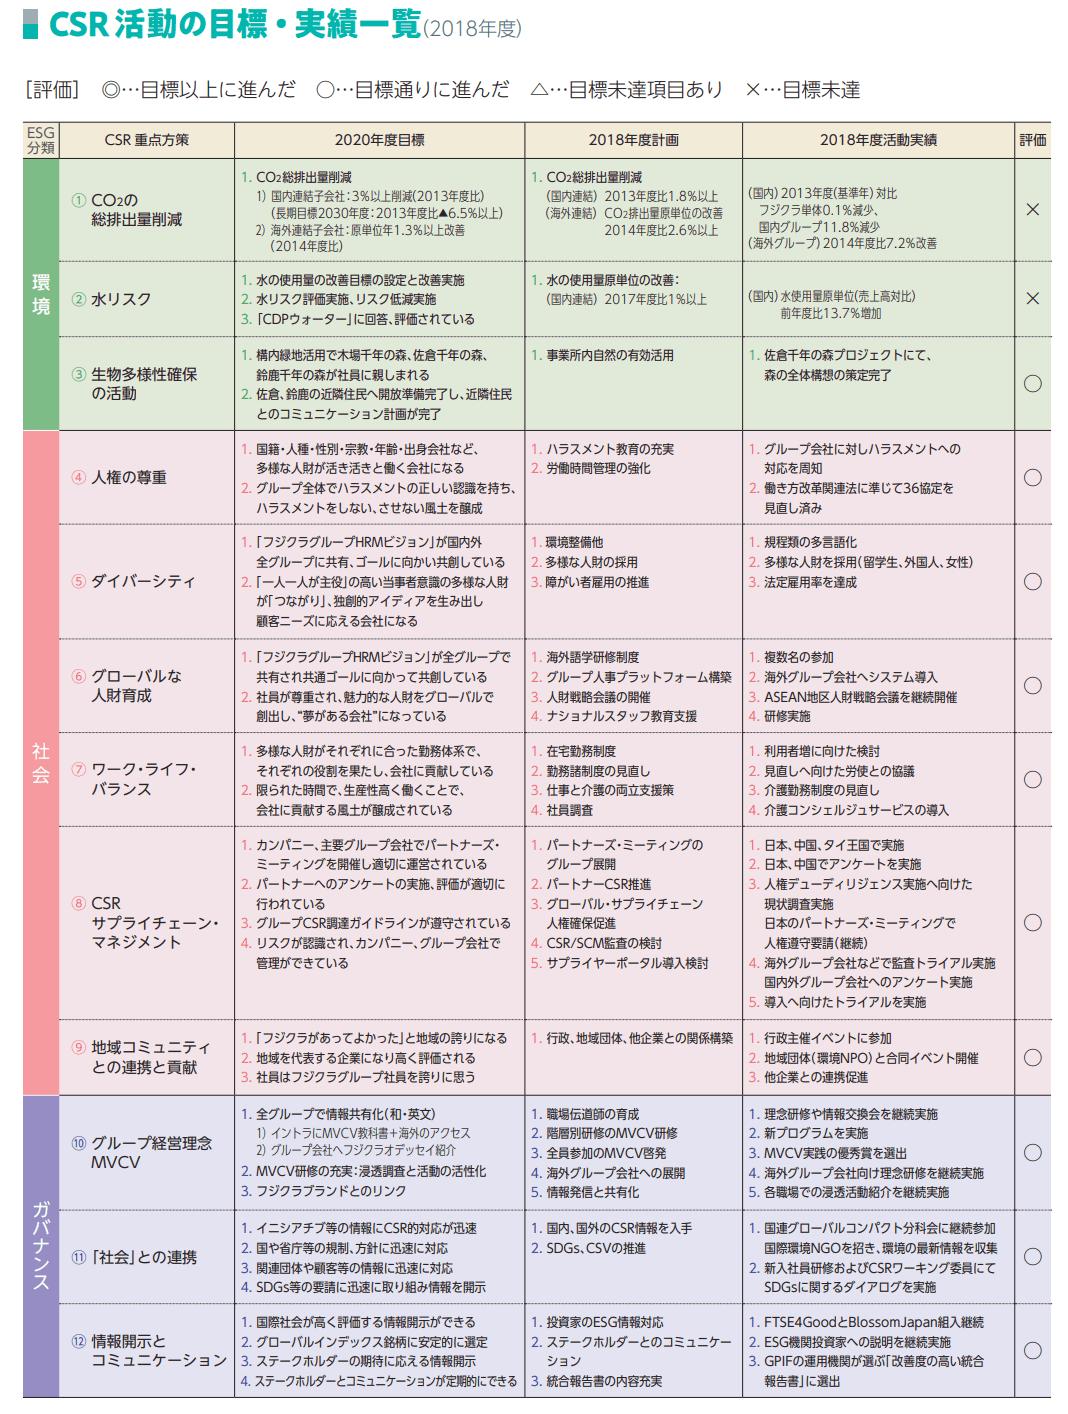 フジクラグループ CSR 活動の目標・実績一覧(